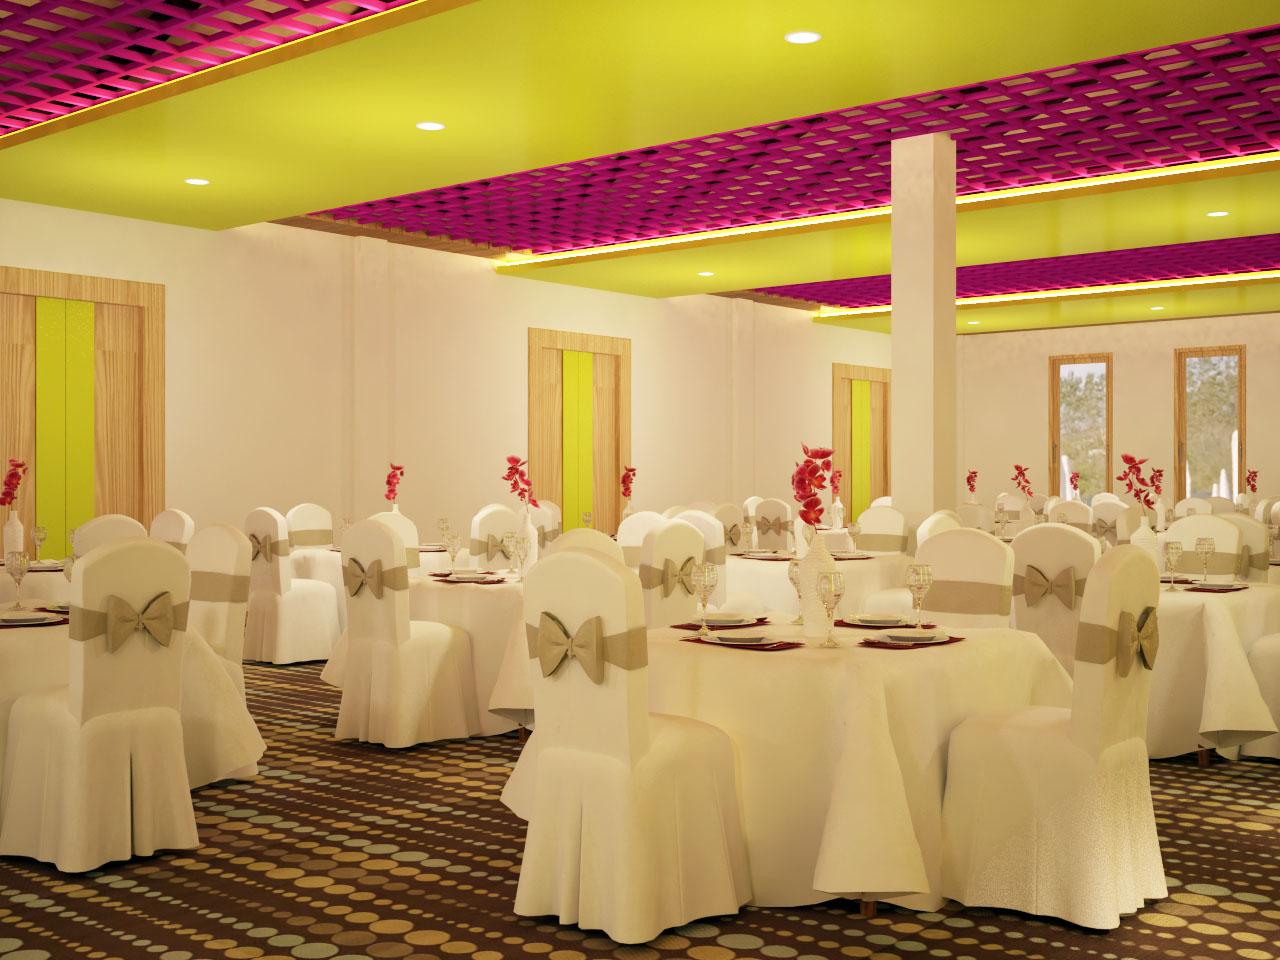 Kamisela-Ballroom-Hall-1.jpg